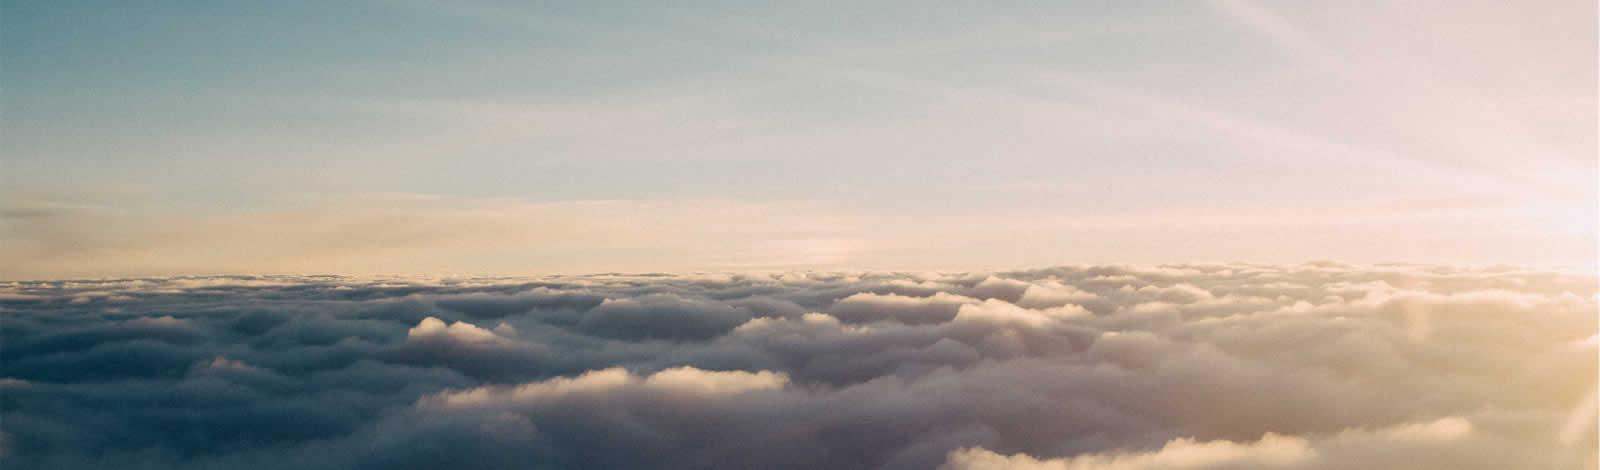 Goeie consultant in huis, ben je in de wolken?